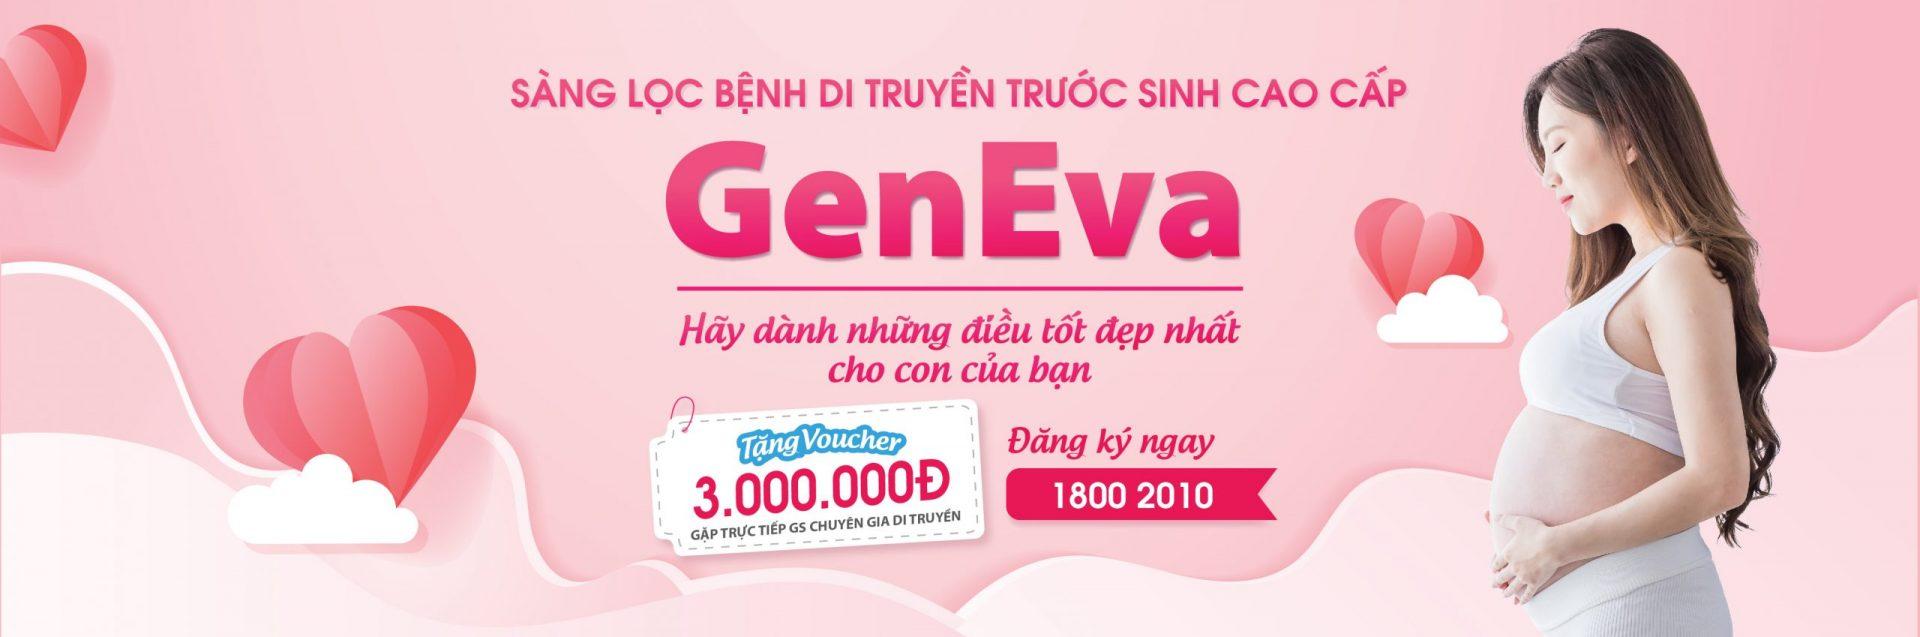 cover-GenEva